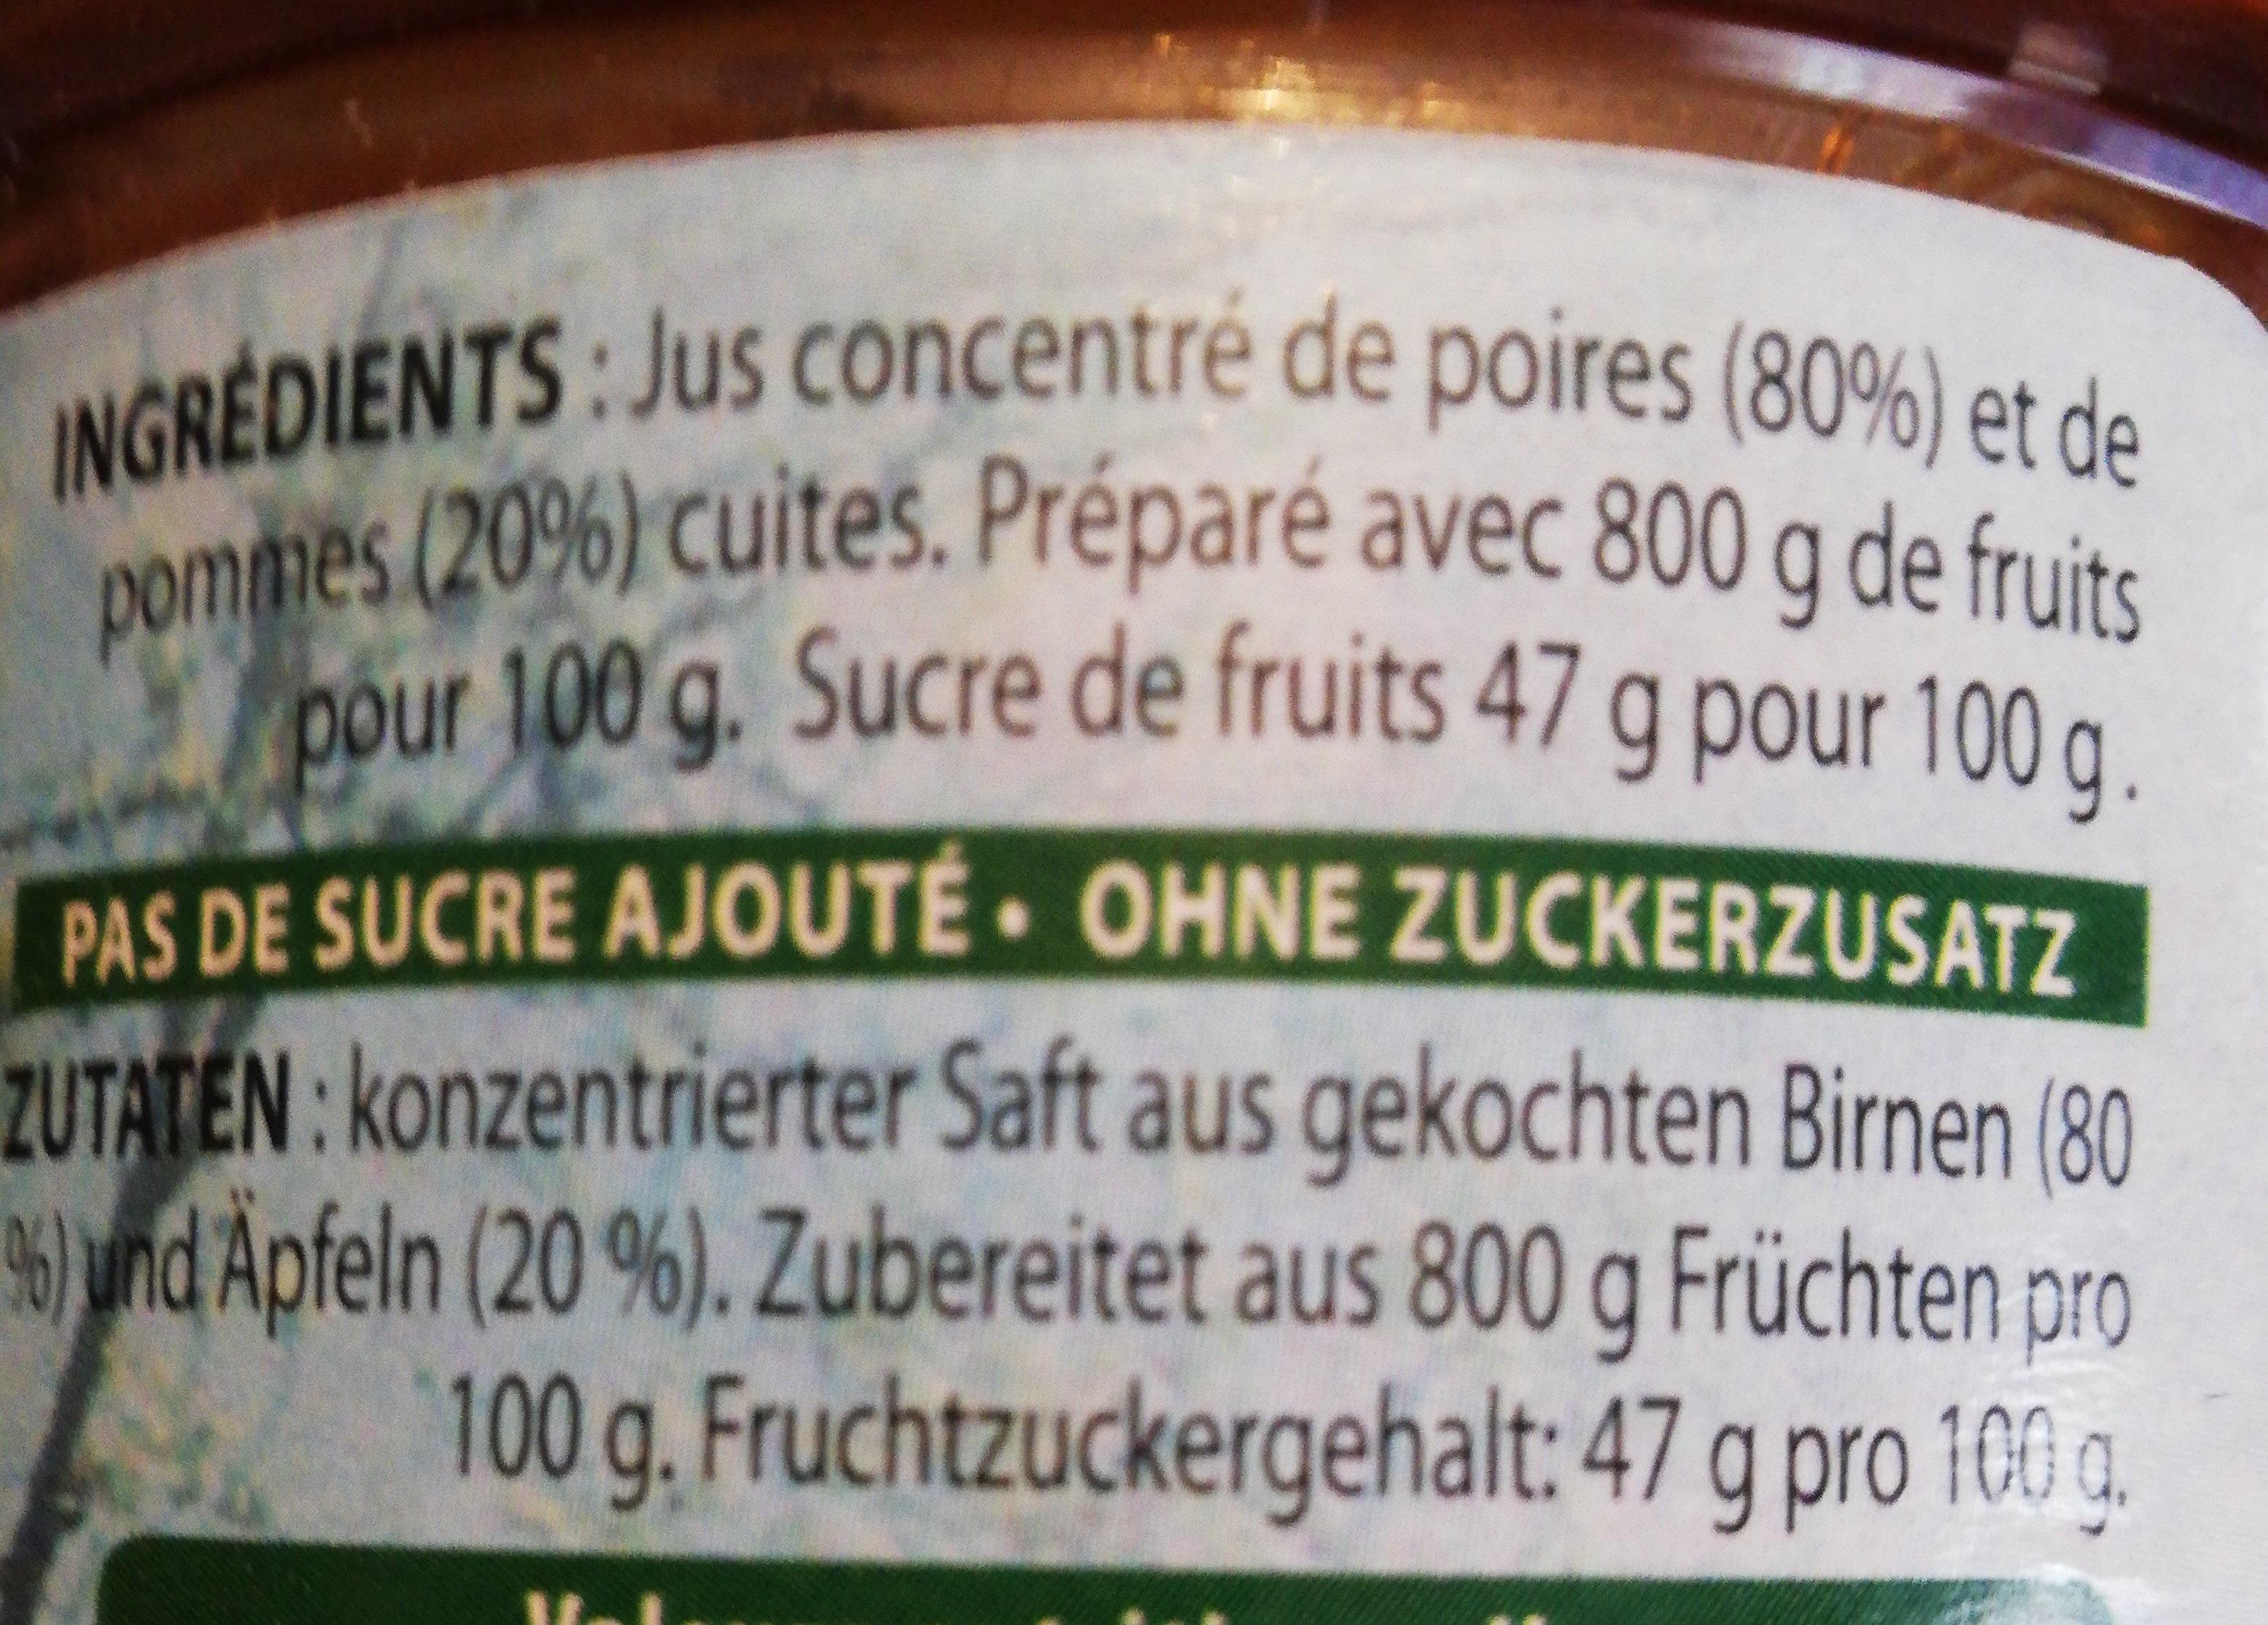 Sirop poires et pommes - Ingrediënten - fr